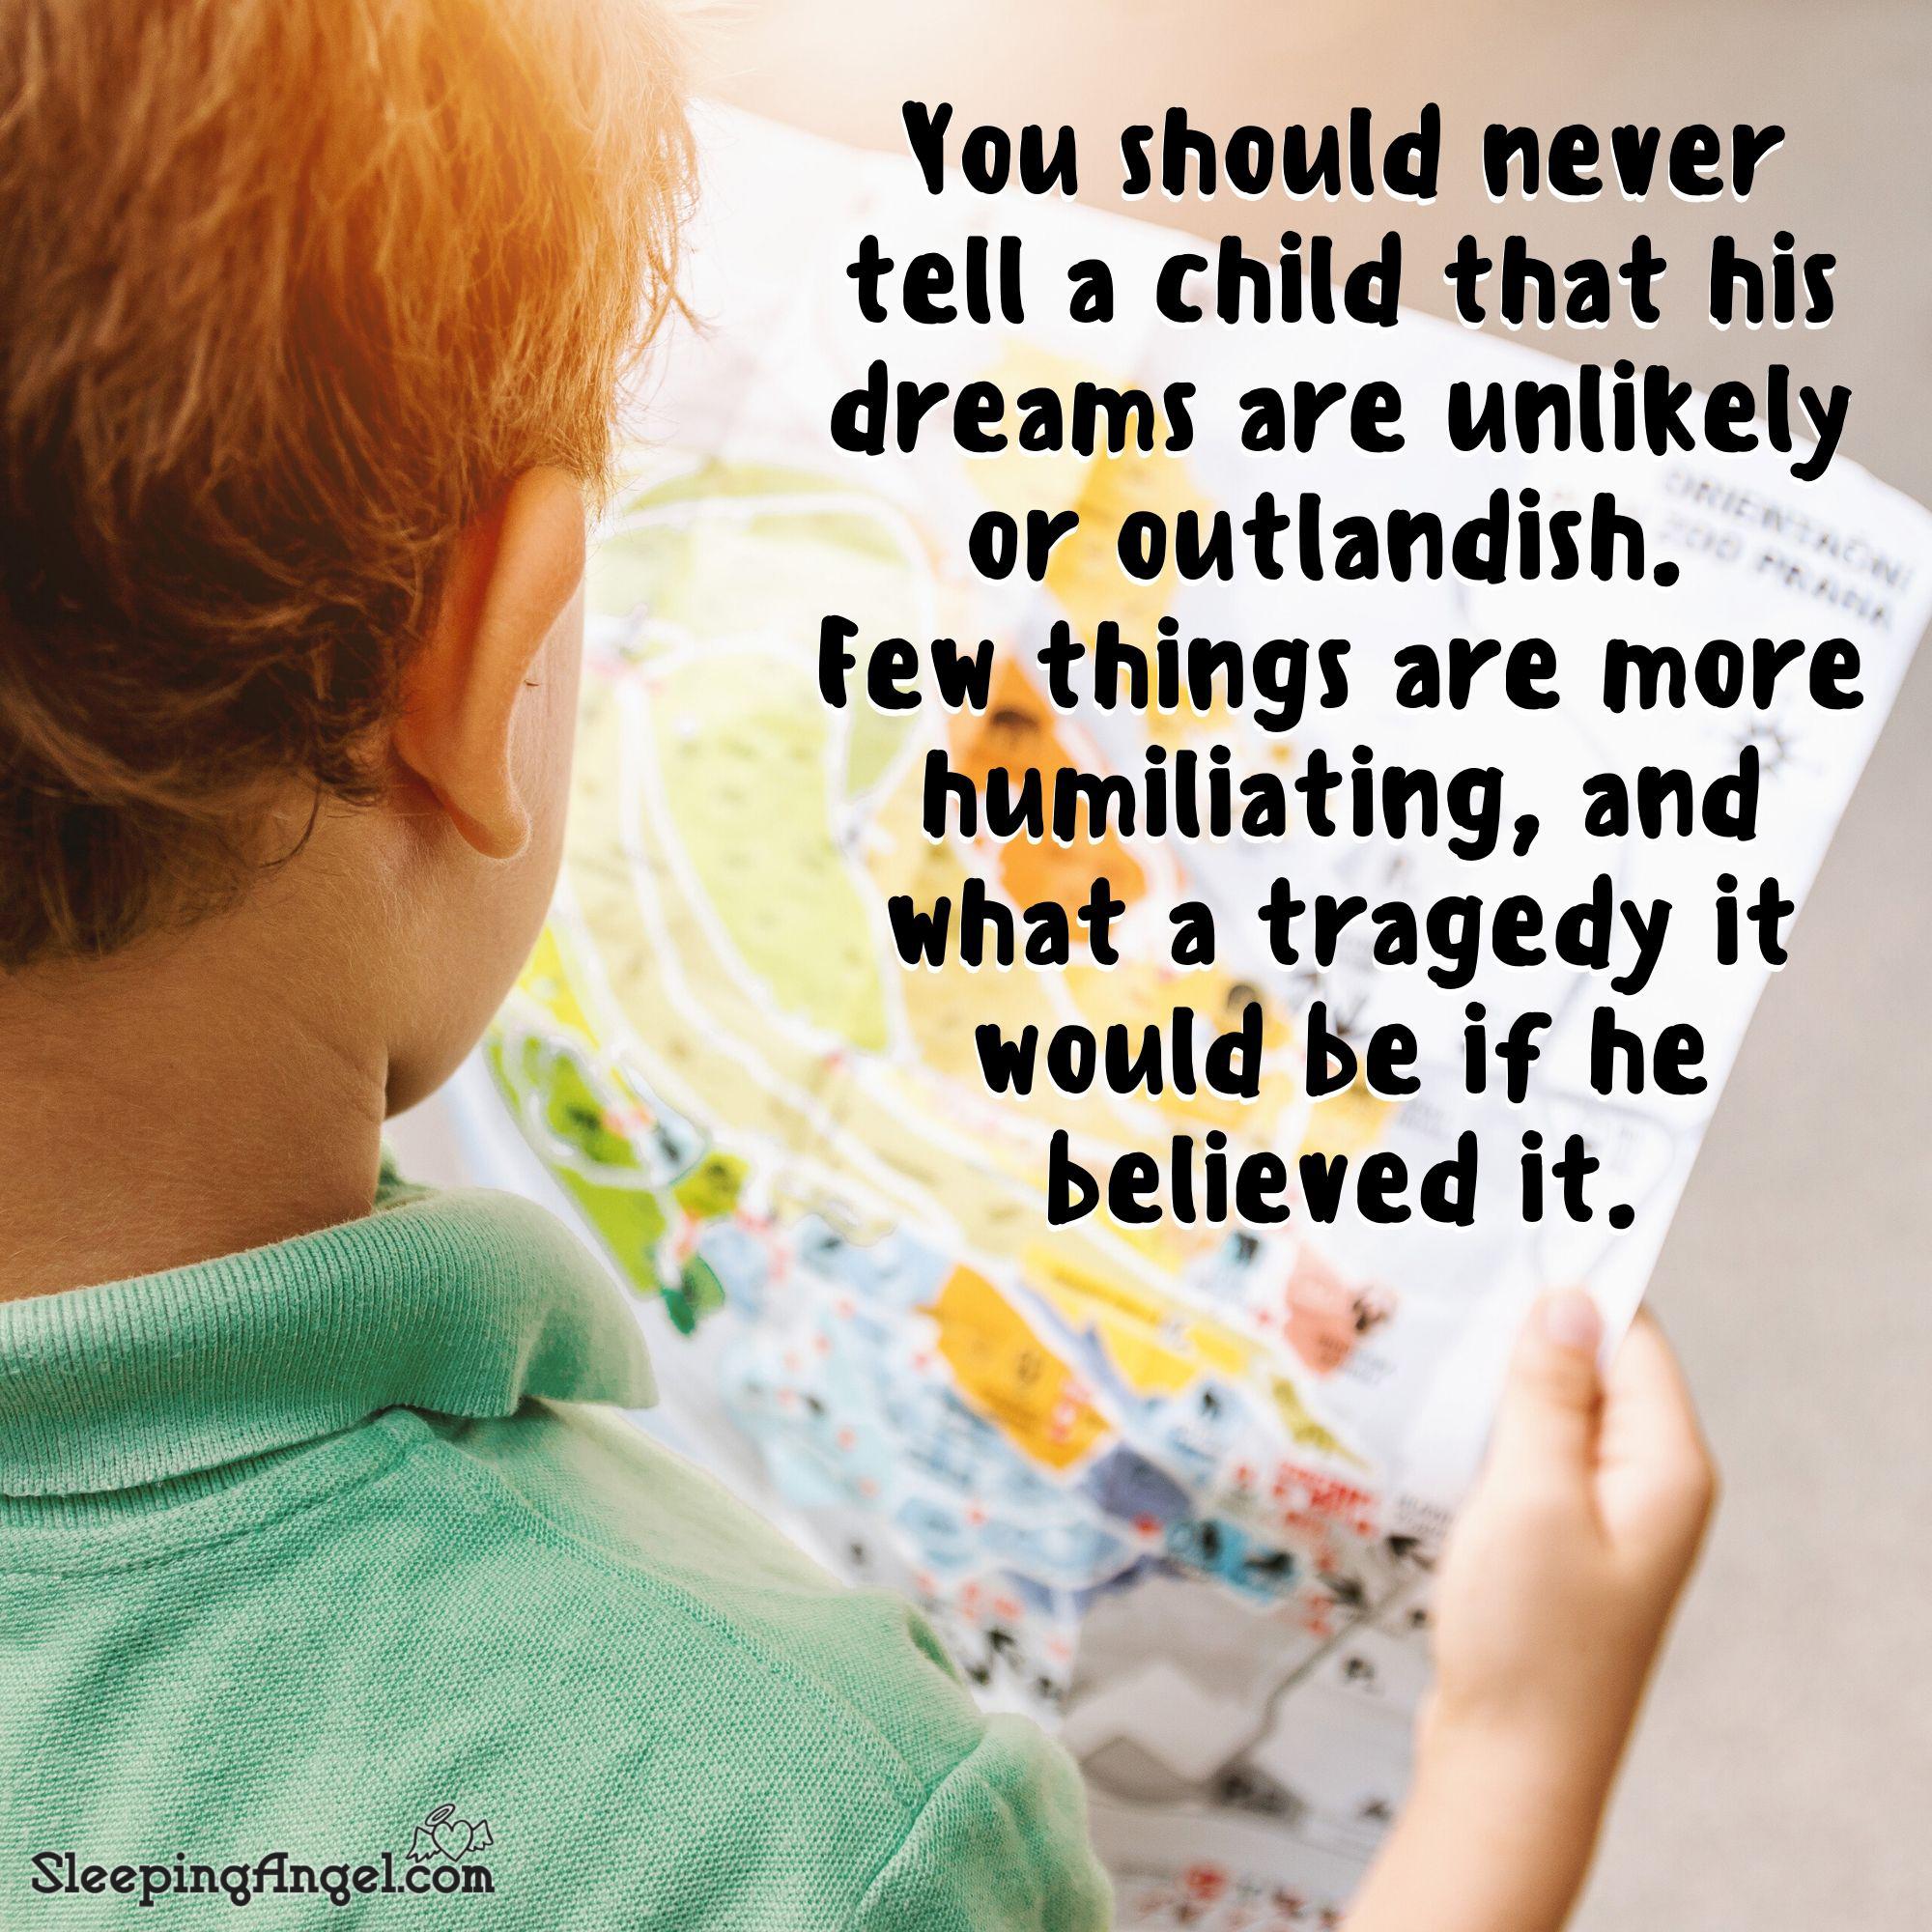 Children's Dreams Quote